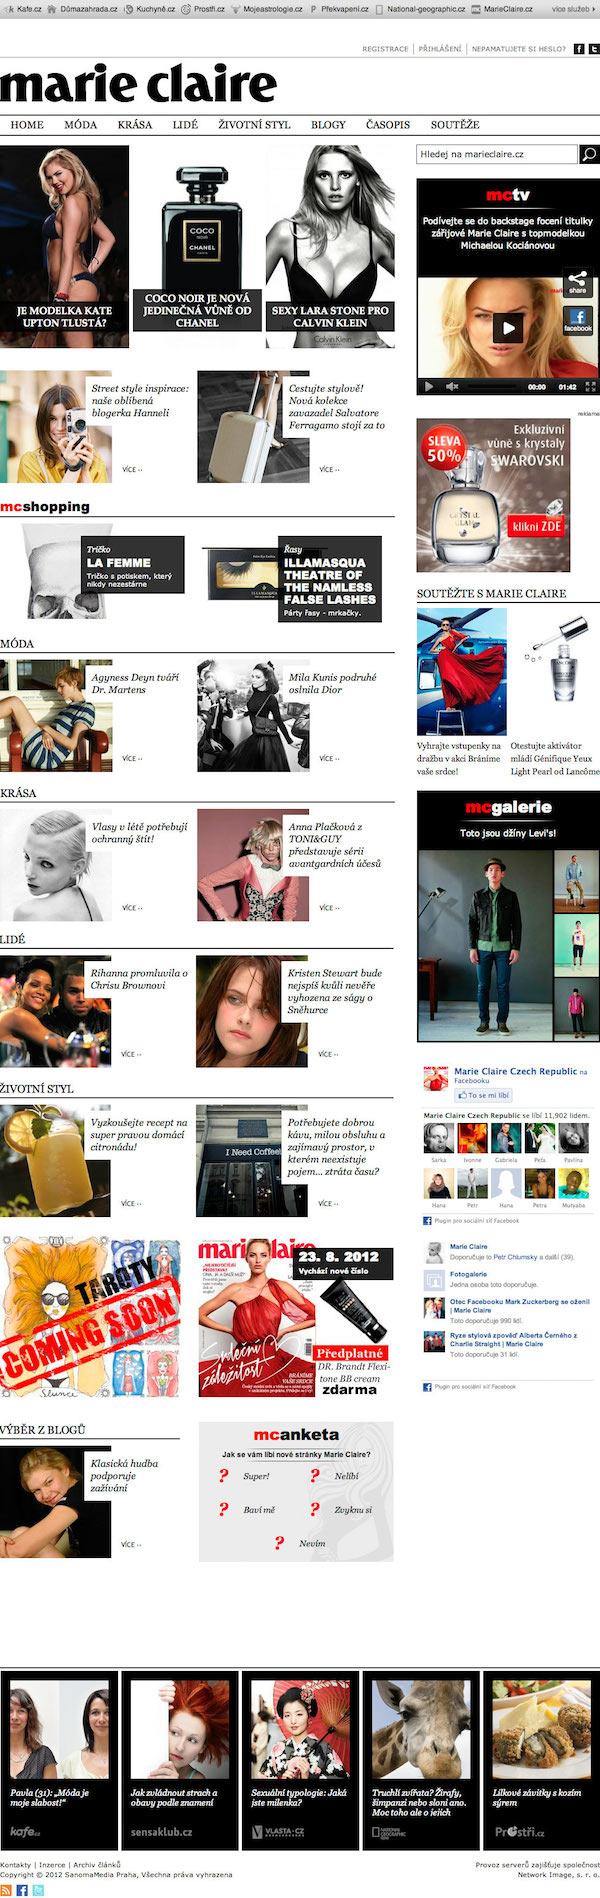 Původní verze Marie Claire, kterou Sanoma spustila v srpnu 2012